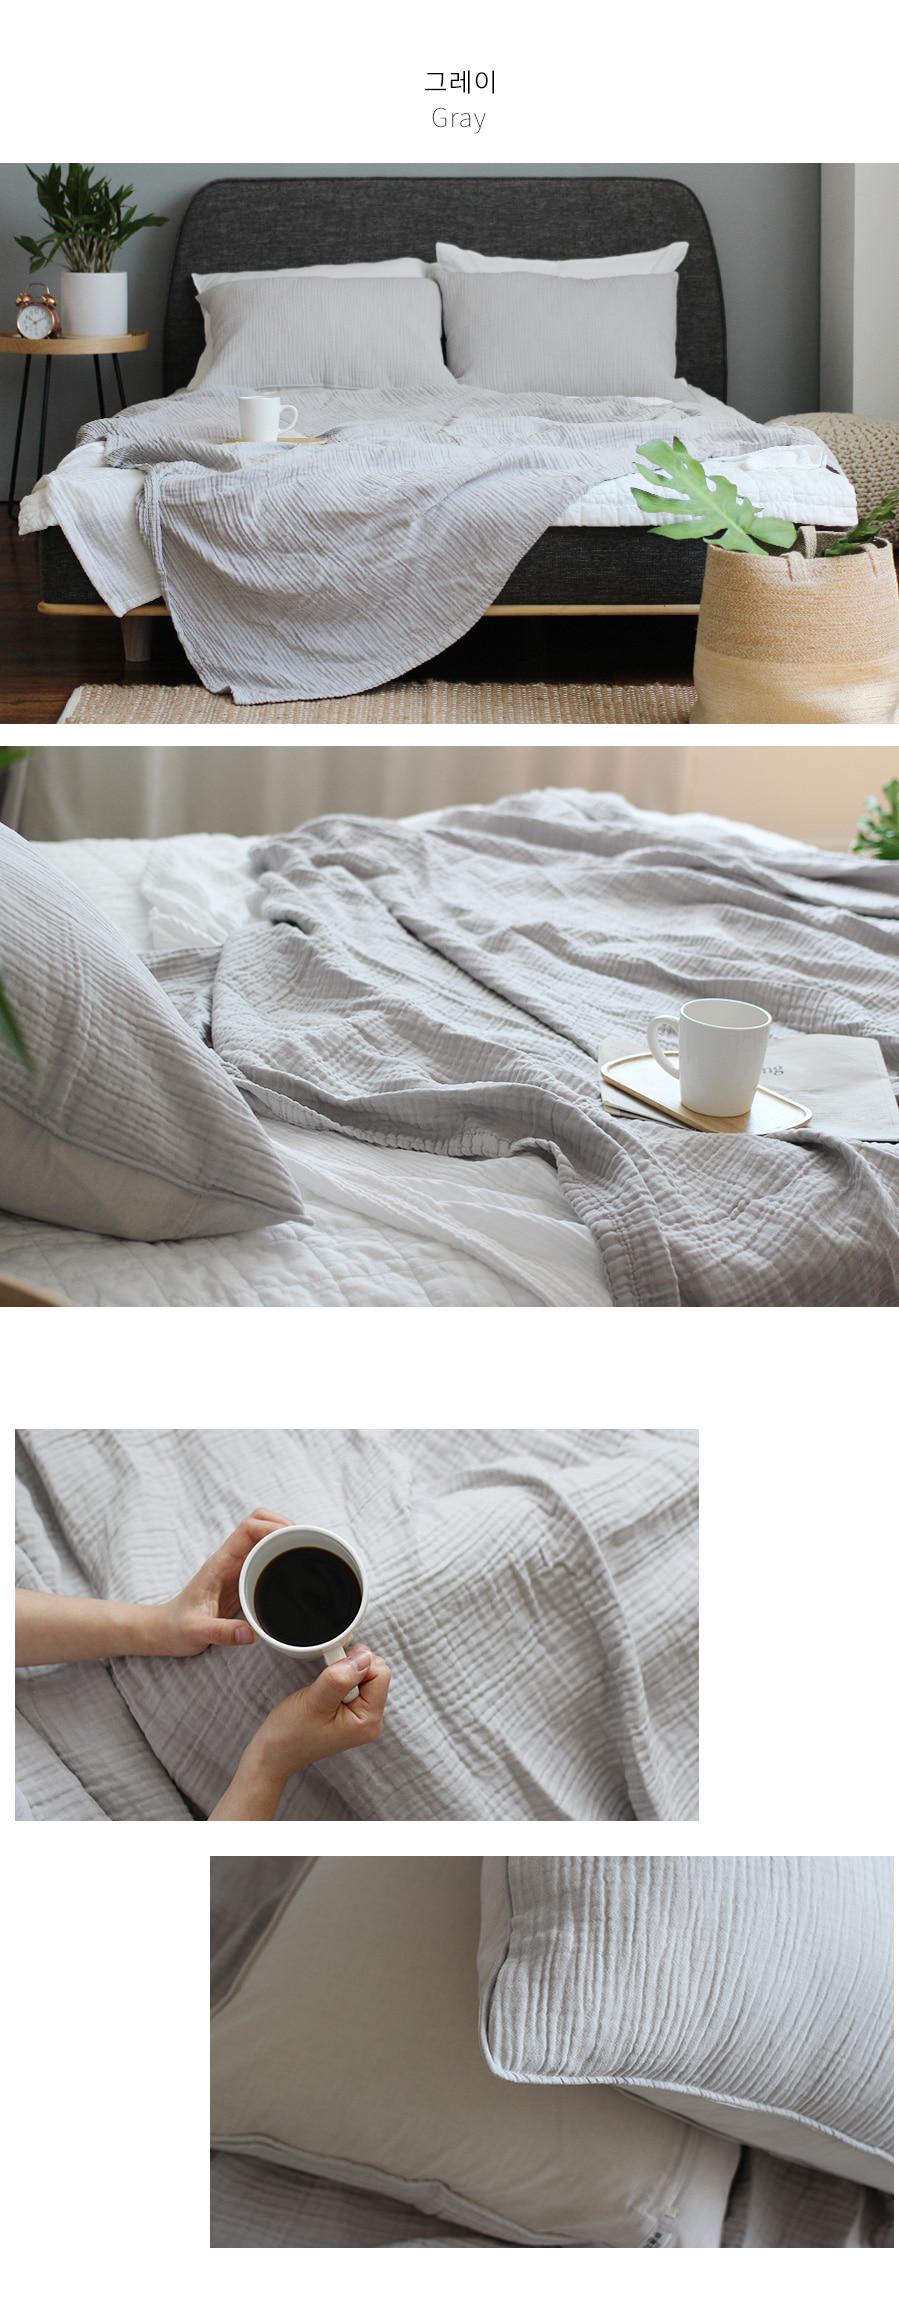 아이린모달거즈이불[블랭킷]-그레이 - 아카시아, 26,900원, 침구 단품, 홑이불